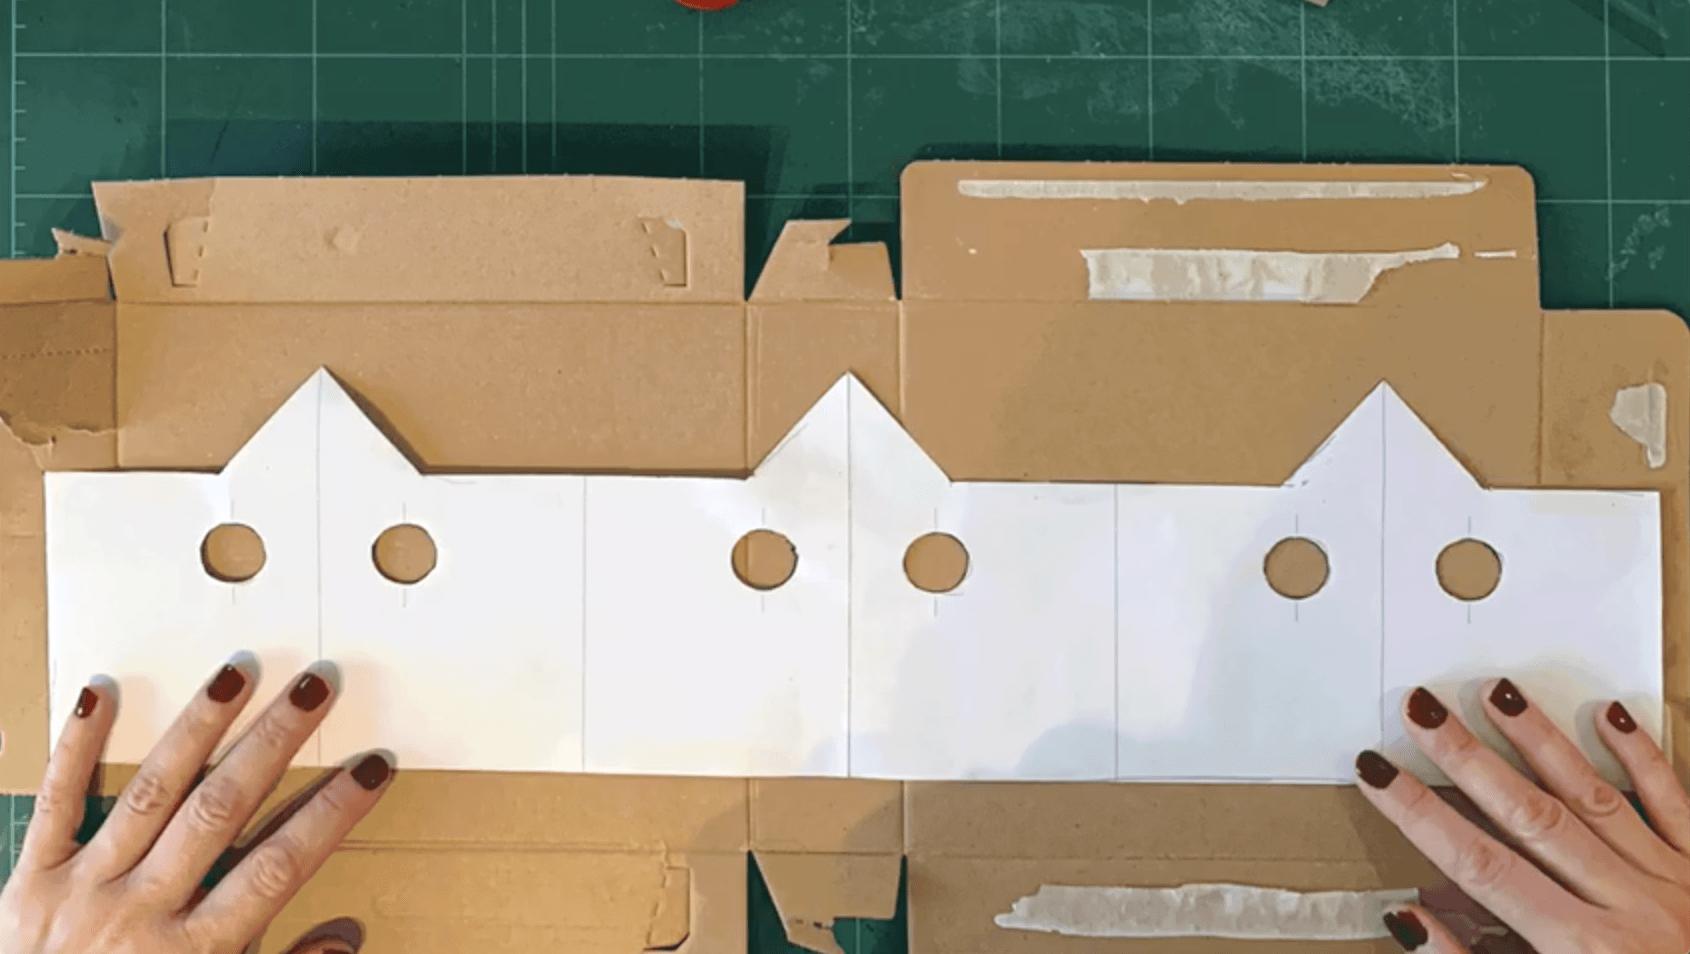 El Protector de manillas DIY que evita contagios que puedes construir gratis 68